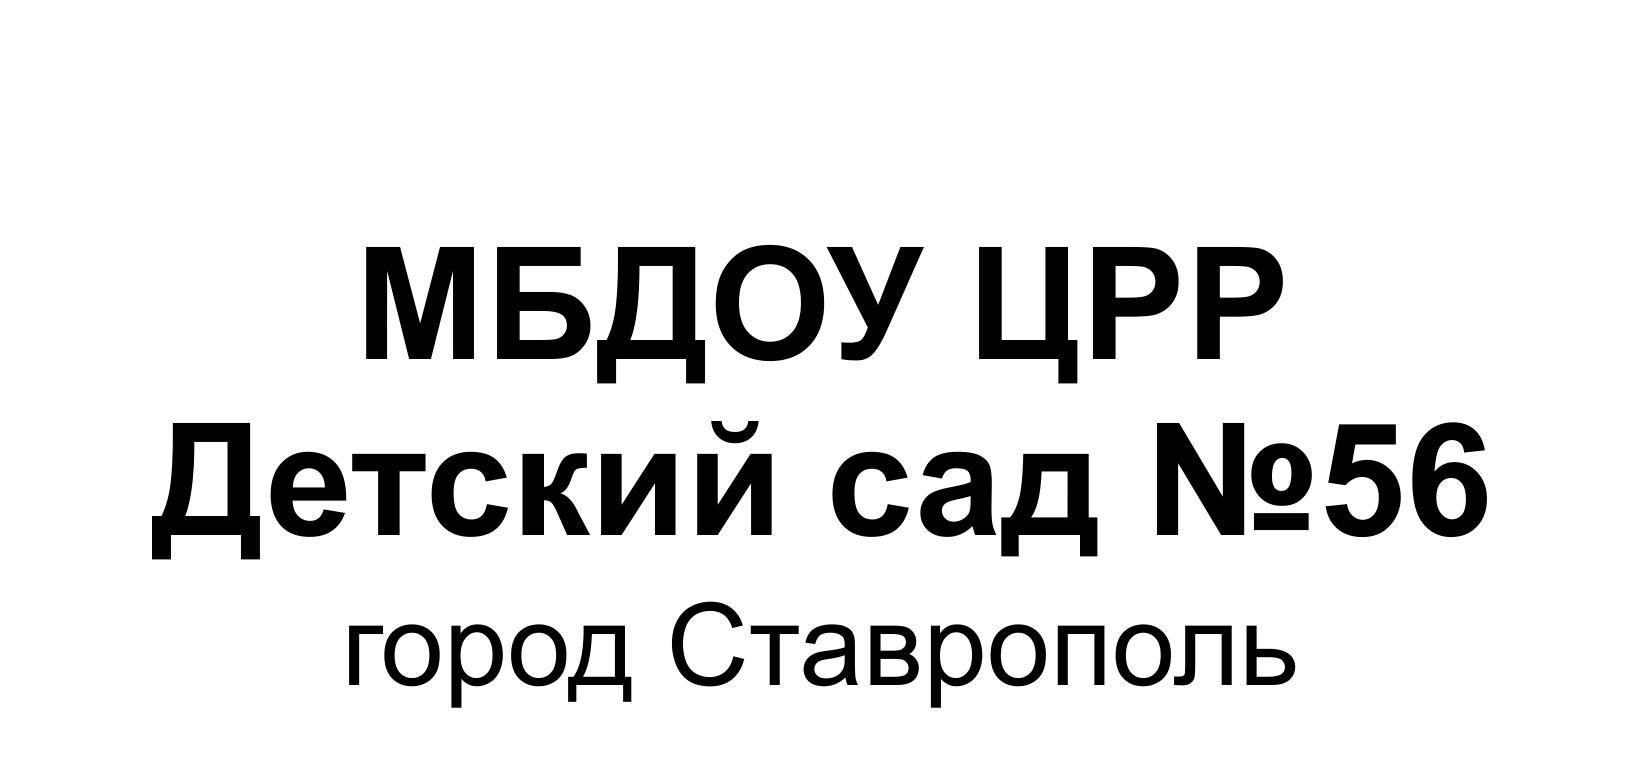 Детский сад №56 города Ставрополя